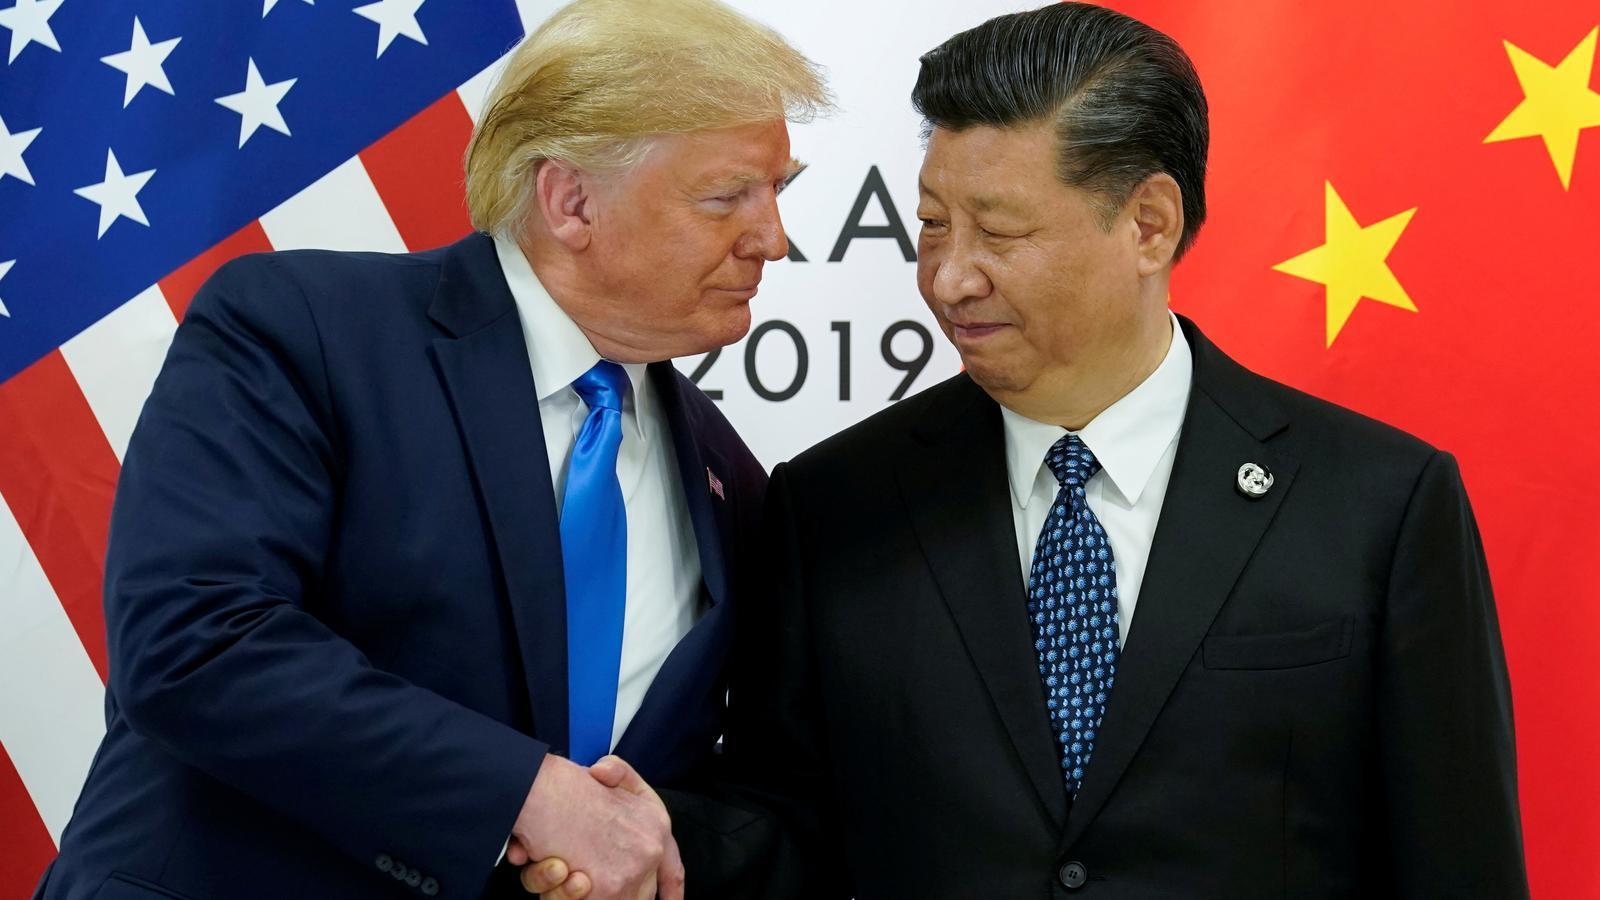 El president dels Estats Units, Donald Trump, amb Xi Jinping, a l'inici de la seva reunió bilateral a la cimera dels líders del G-20 a Osaka, Japó